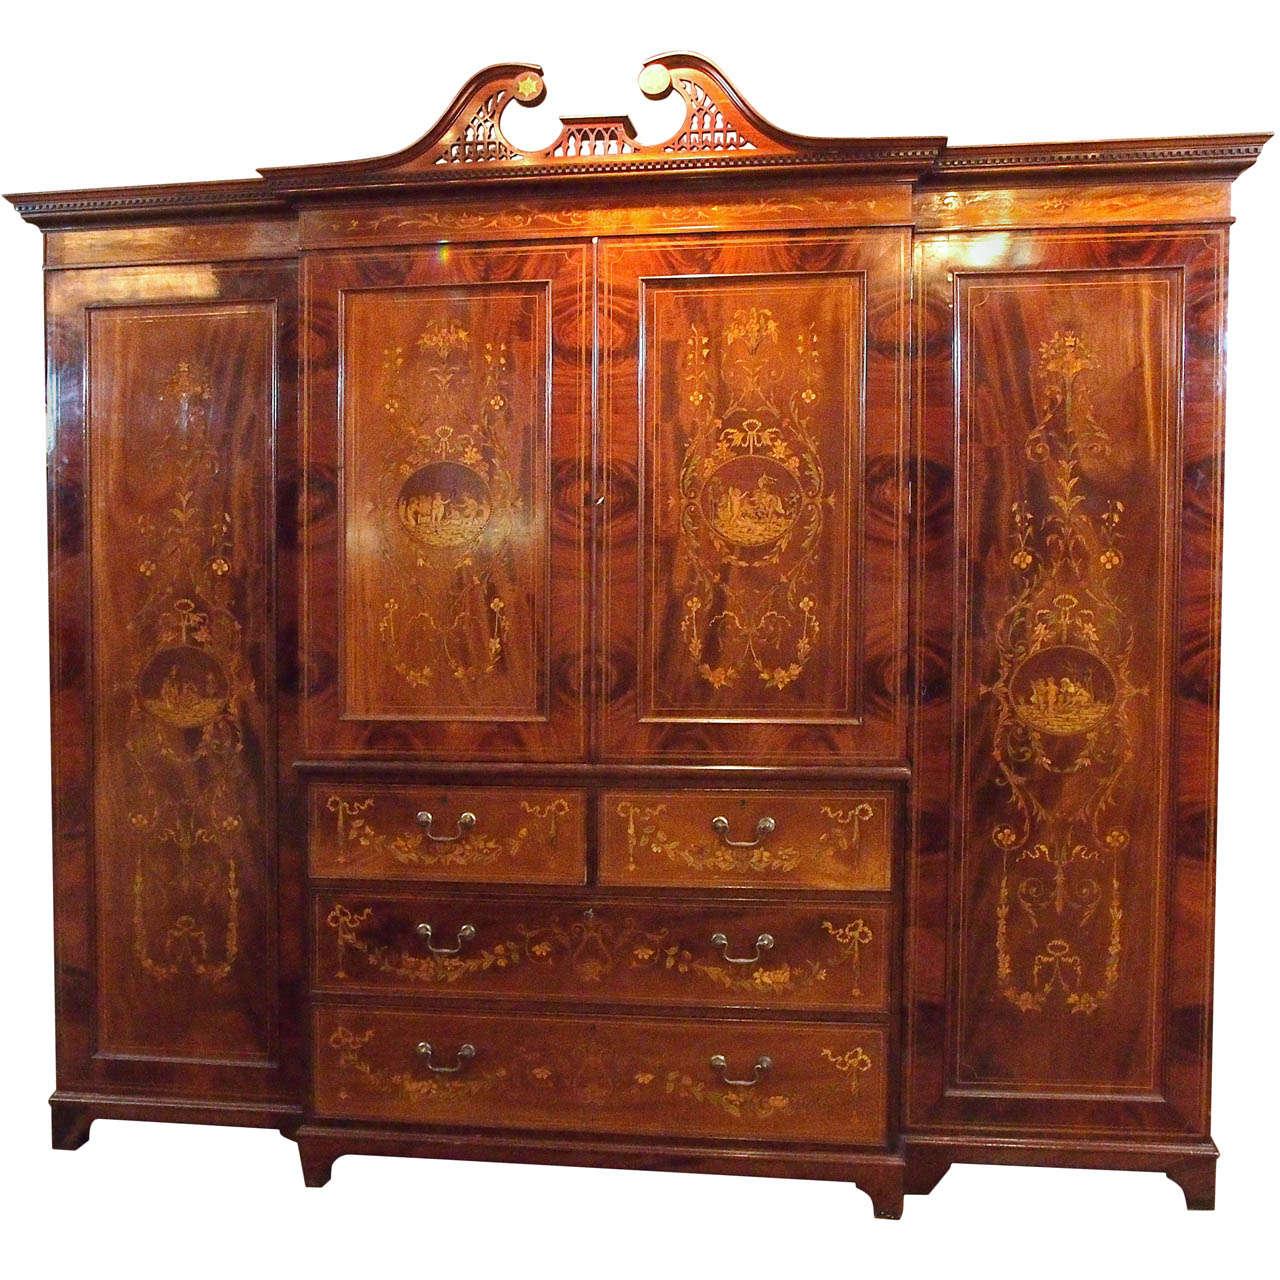 Antique English Mahogany Inlaid Cabinet Linen Press At 1stdibs